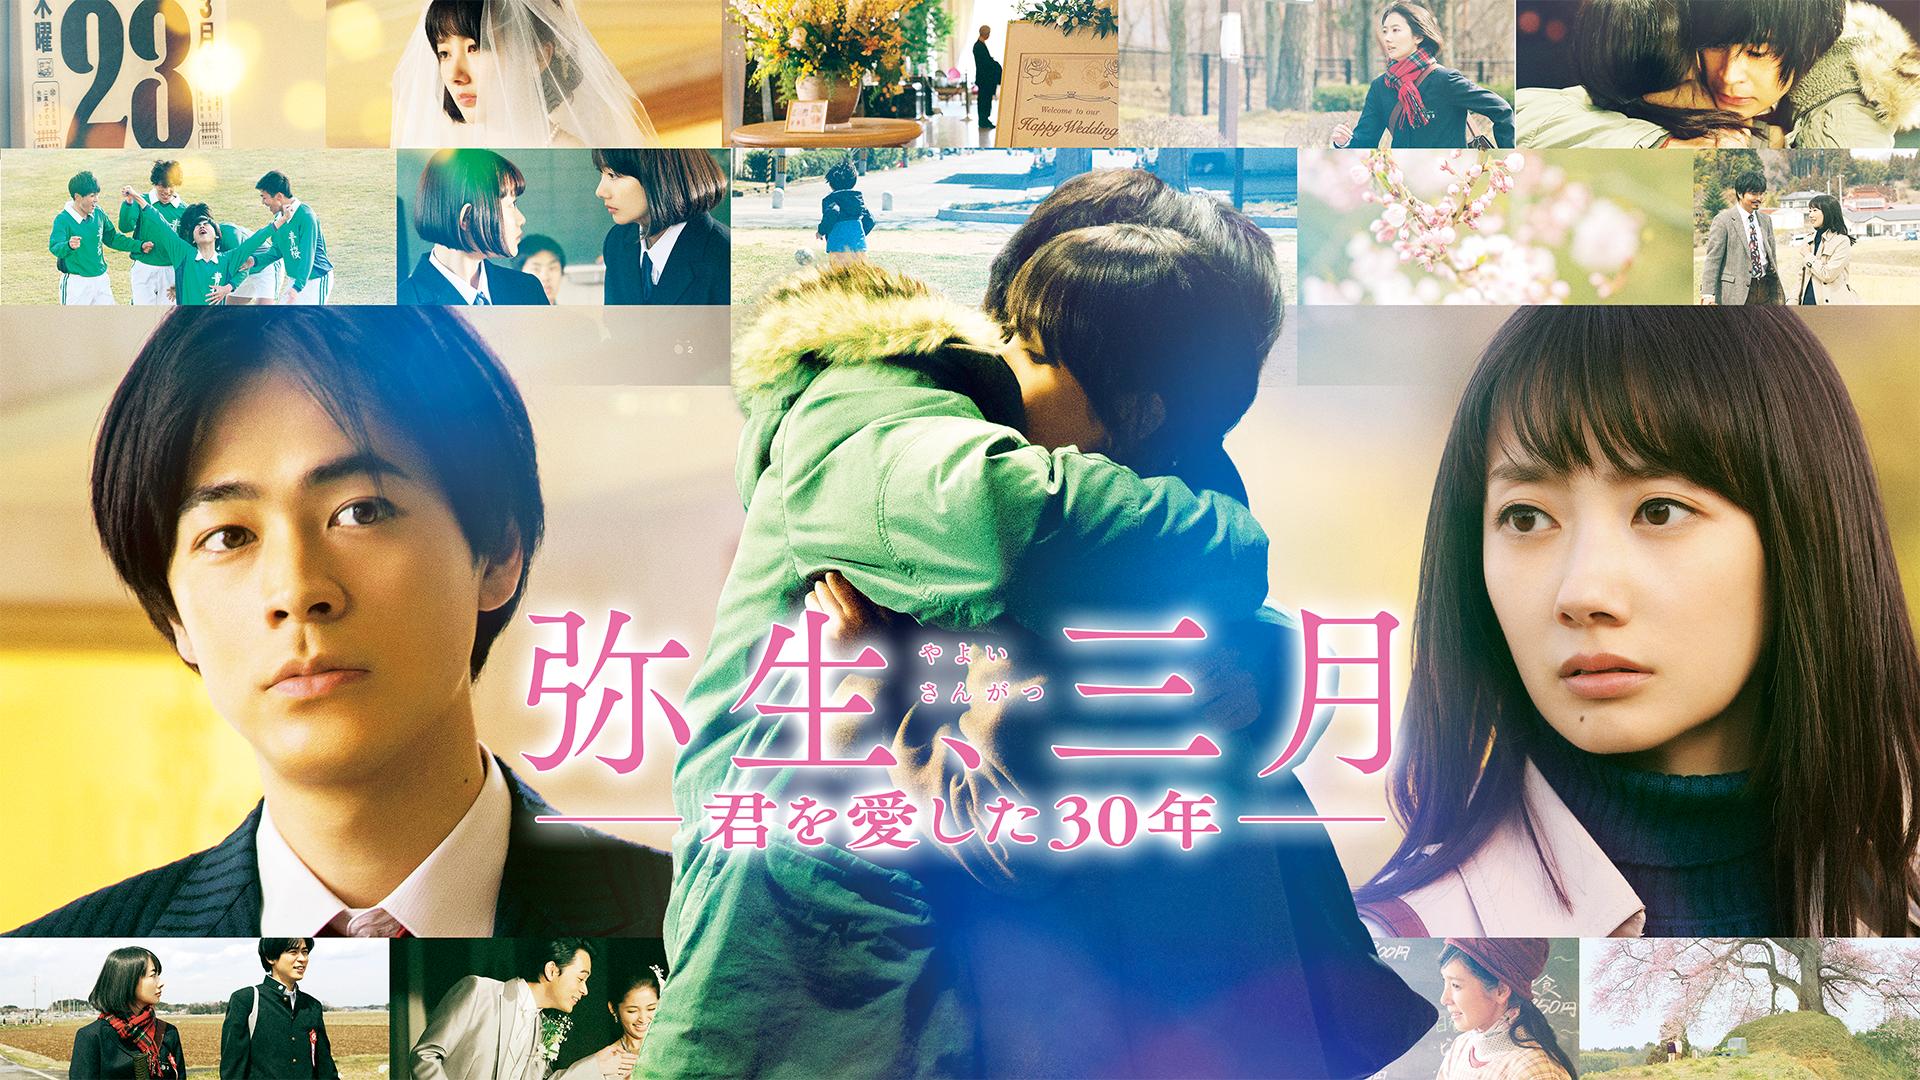 映画『弥生、三月 君を愛した30年』無料動画!フル視聴できる方法を調査!おすすめ動画配信サービスは?